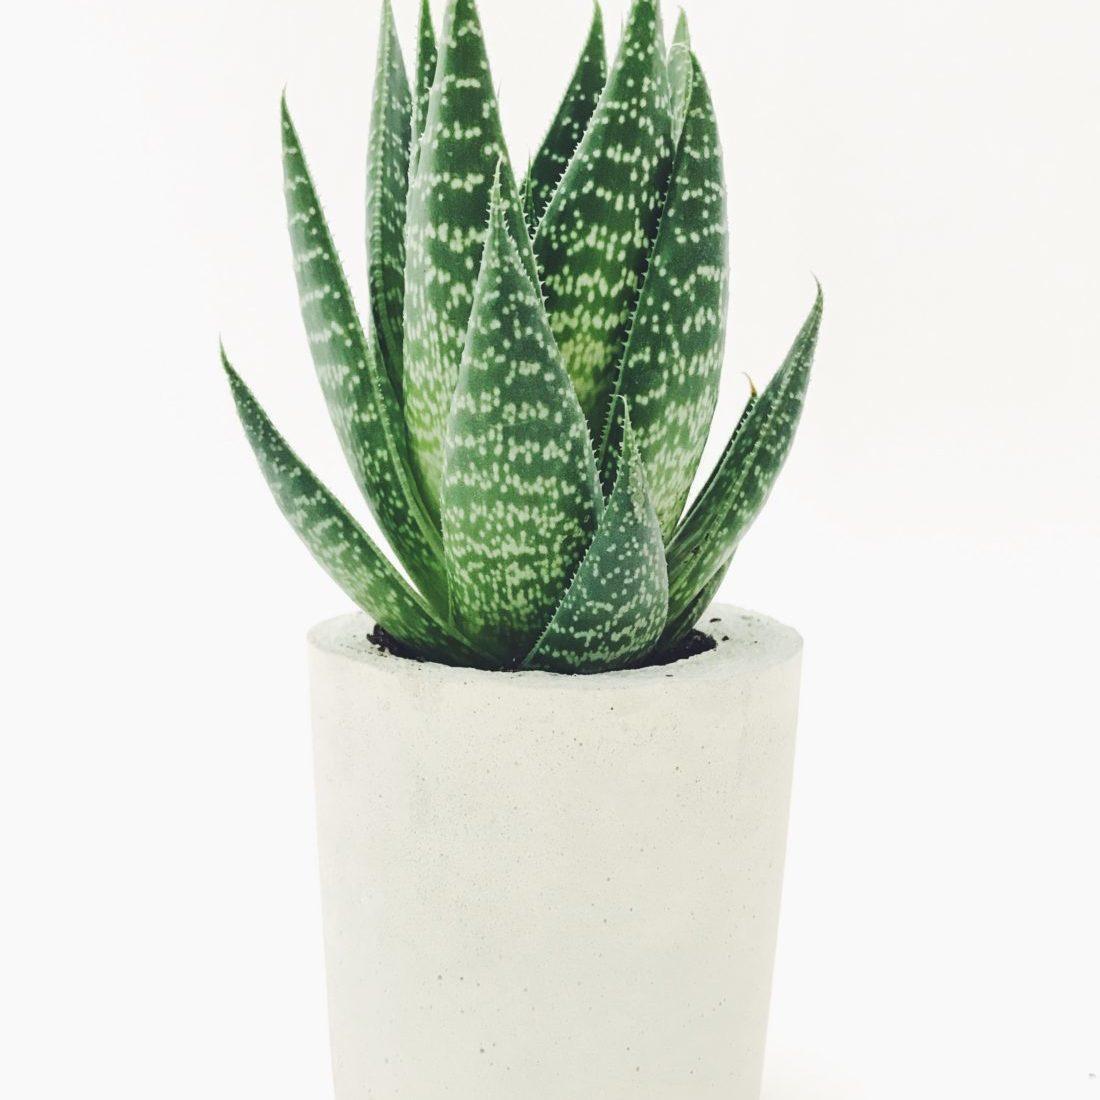 aloe vera plant white planter